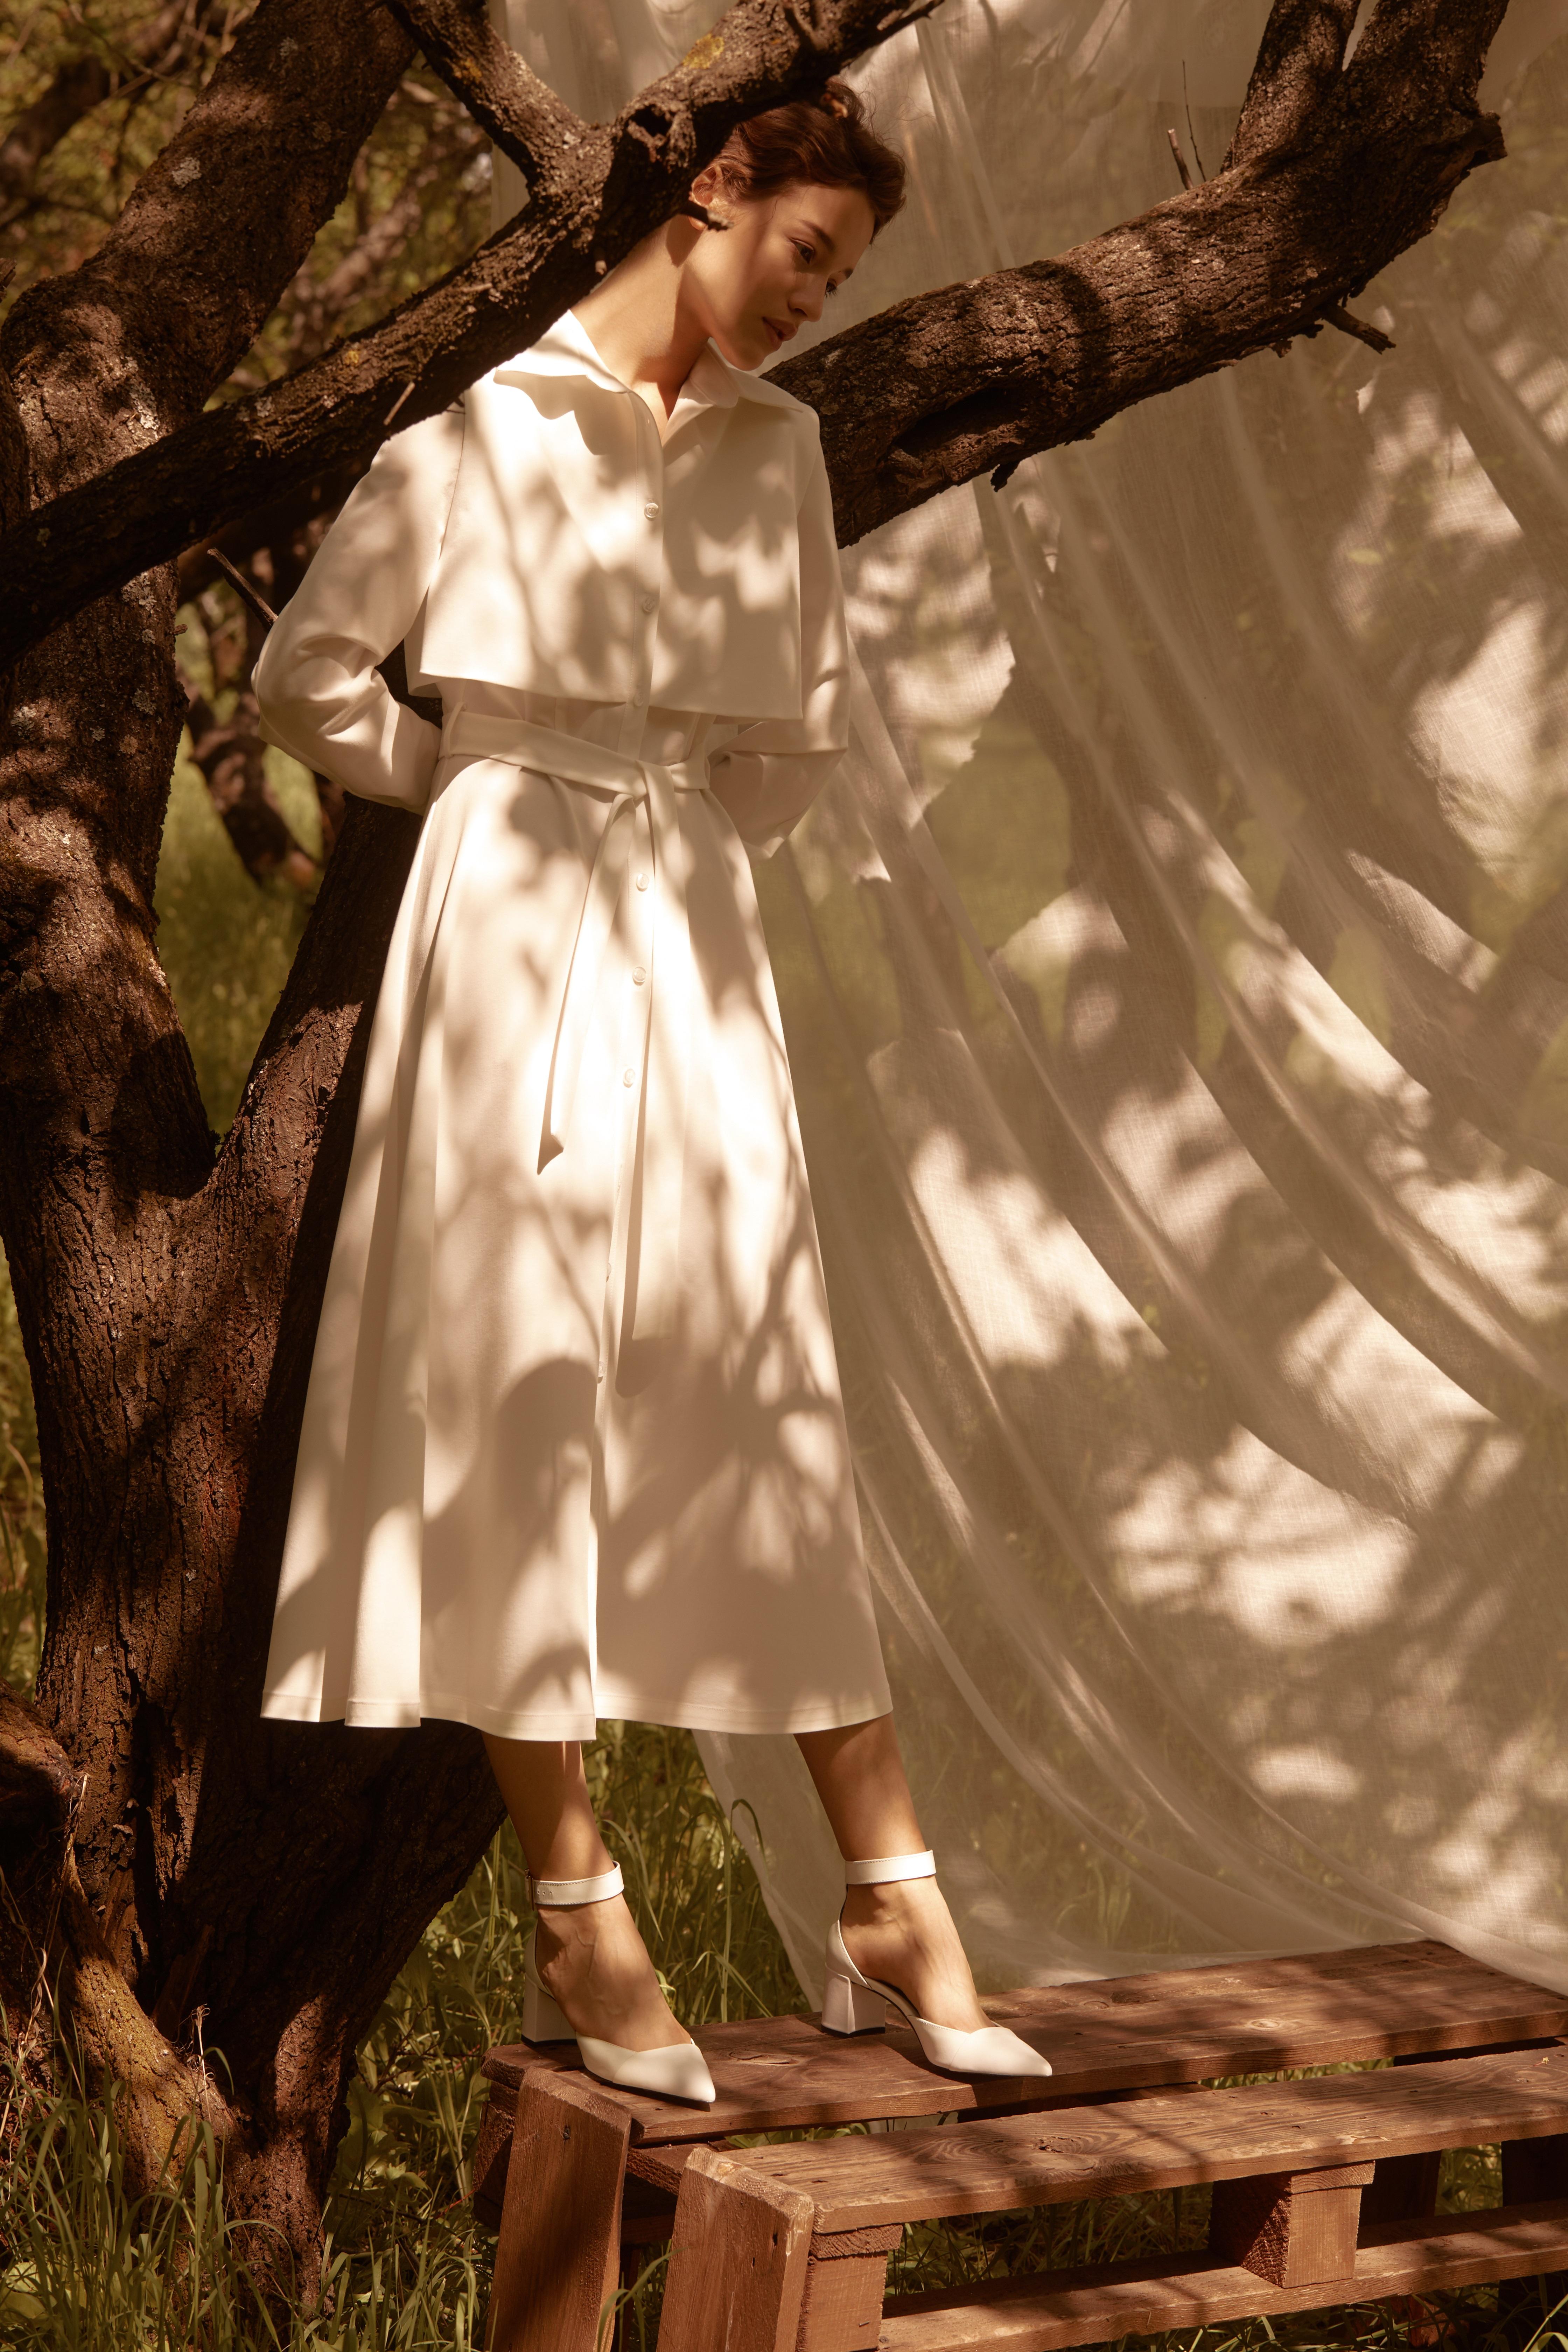 Лесная песня, лилия и образ Мавки в новой коллекции - Total White x SHUSHAN 7